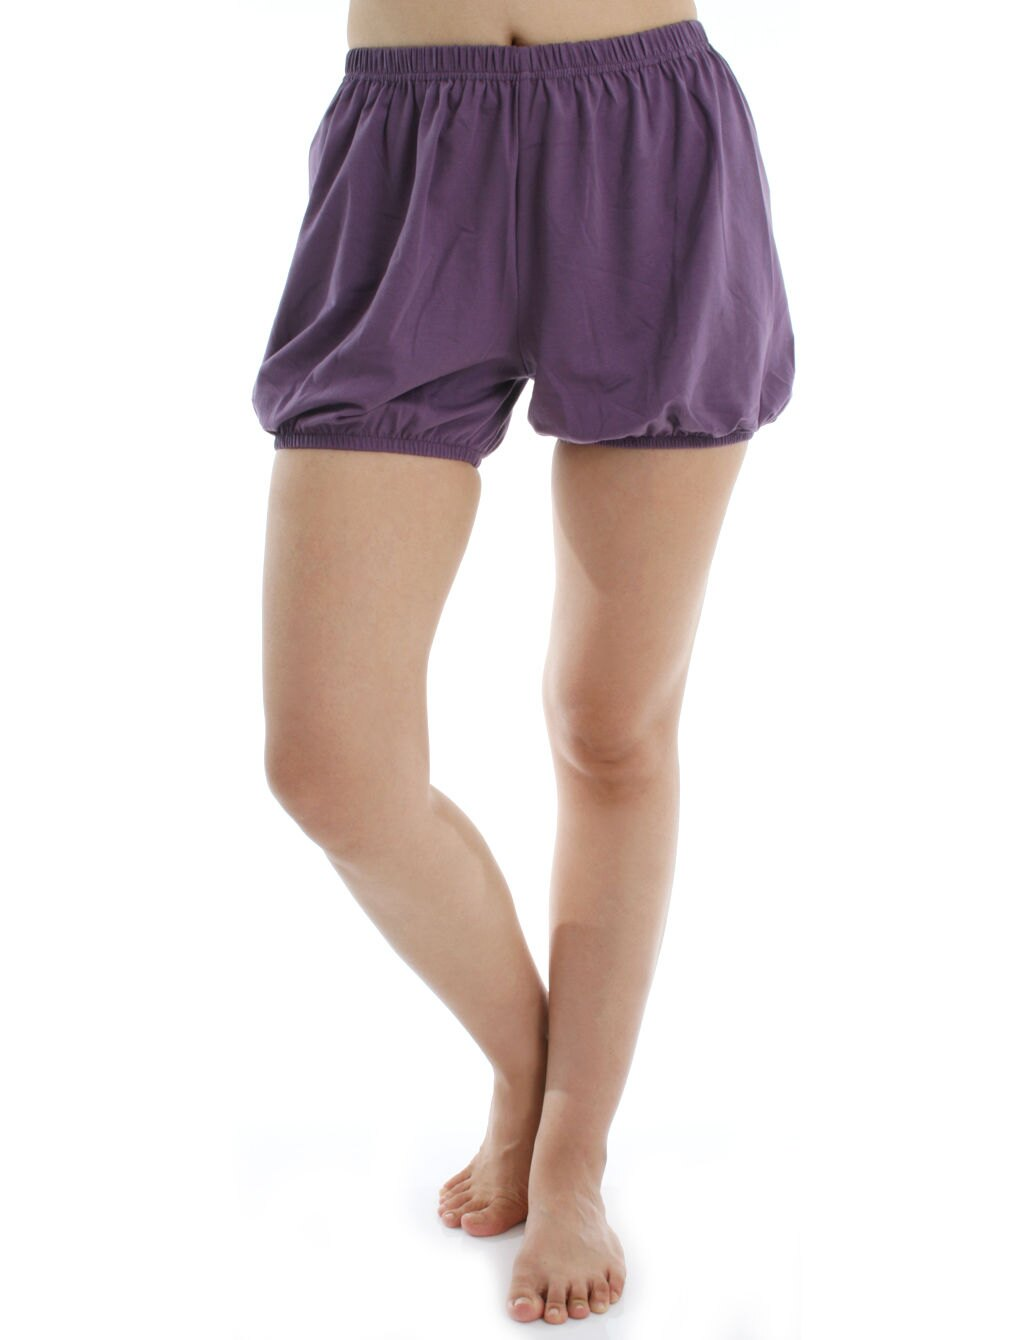 360度全方位防走光!RTBU瑜珈褲~燈籠褲造型。紫色